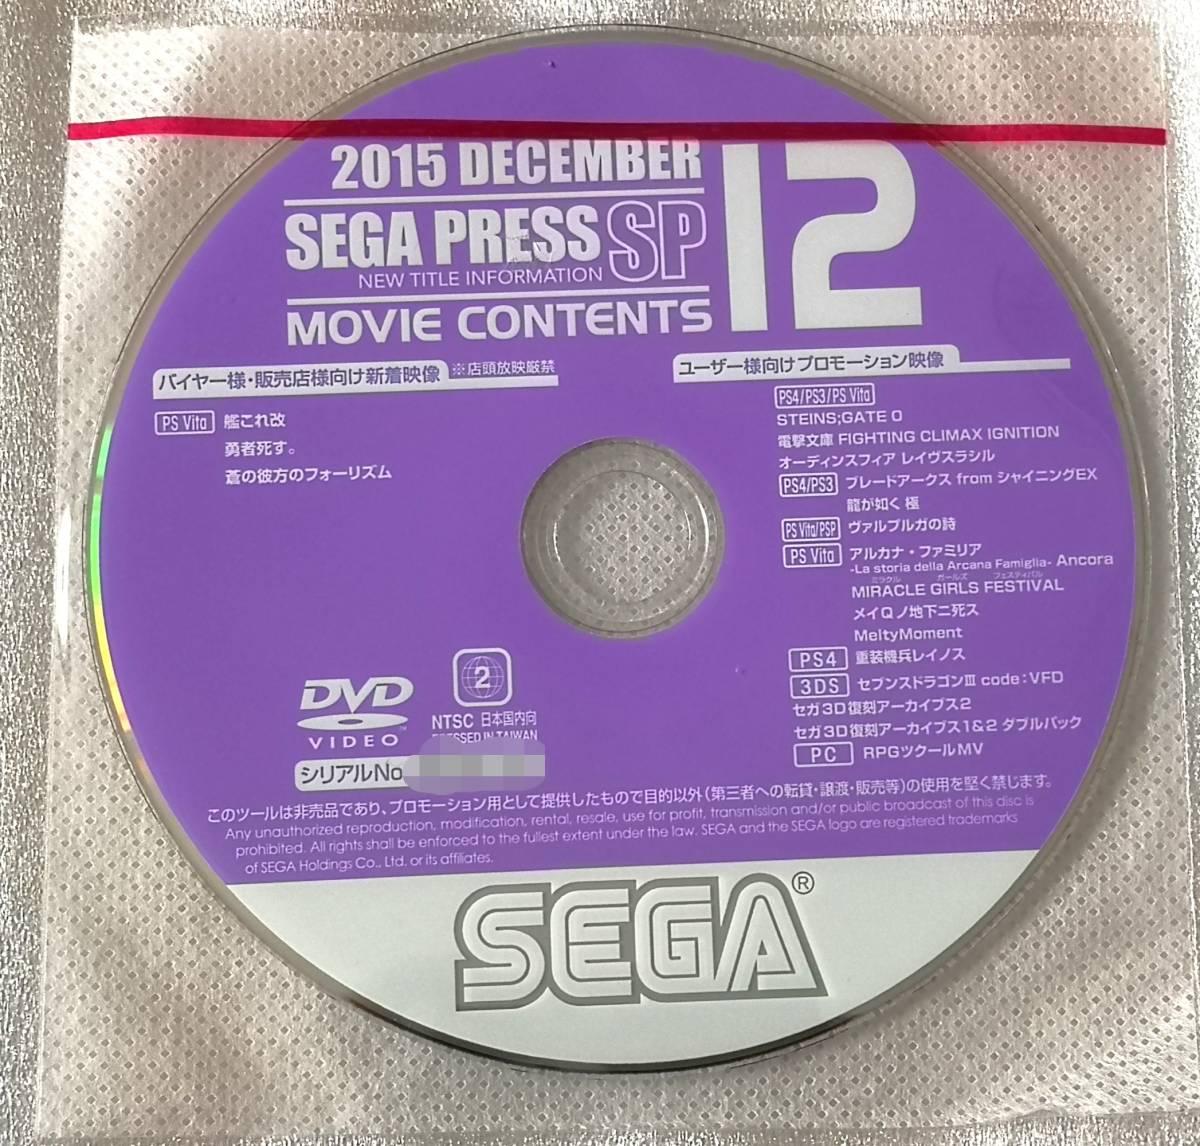 【非売品】 『セガ201512』 艦これ改、ステインズゲイト、重機兵テイノス、RPGツクールMV等収録多数 プロモーションDVD 同梱歓迎_画像1